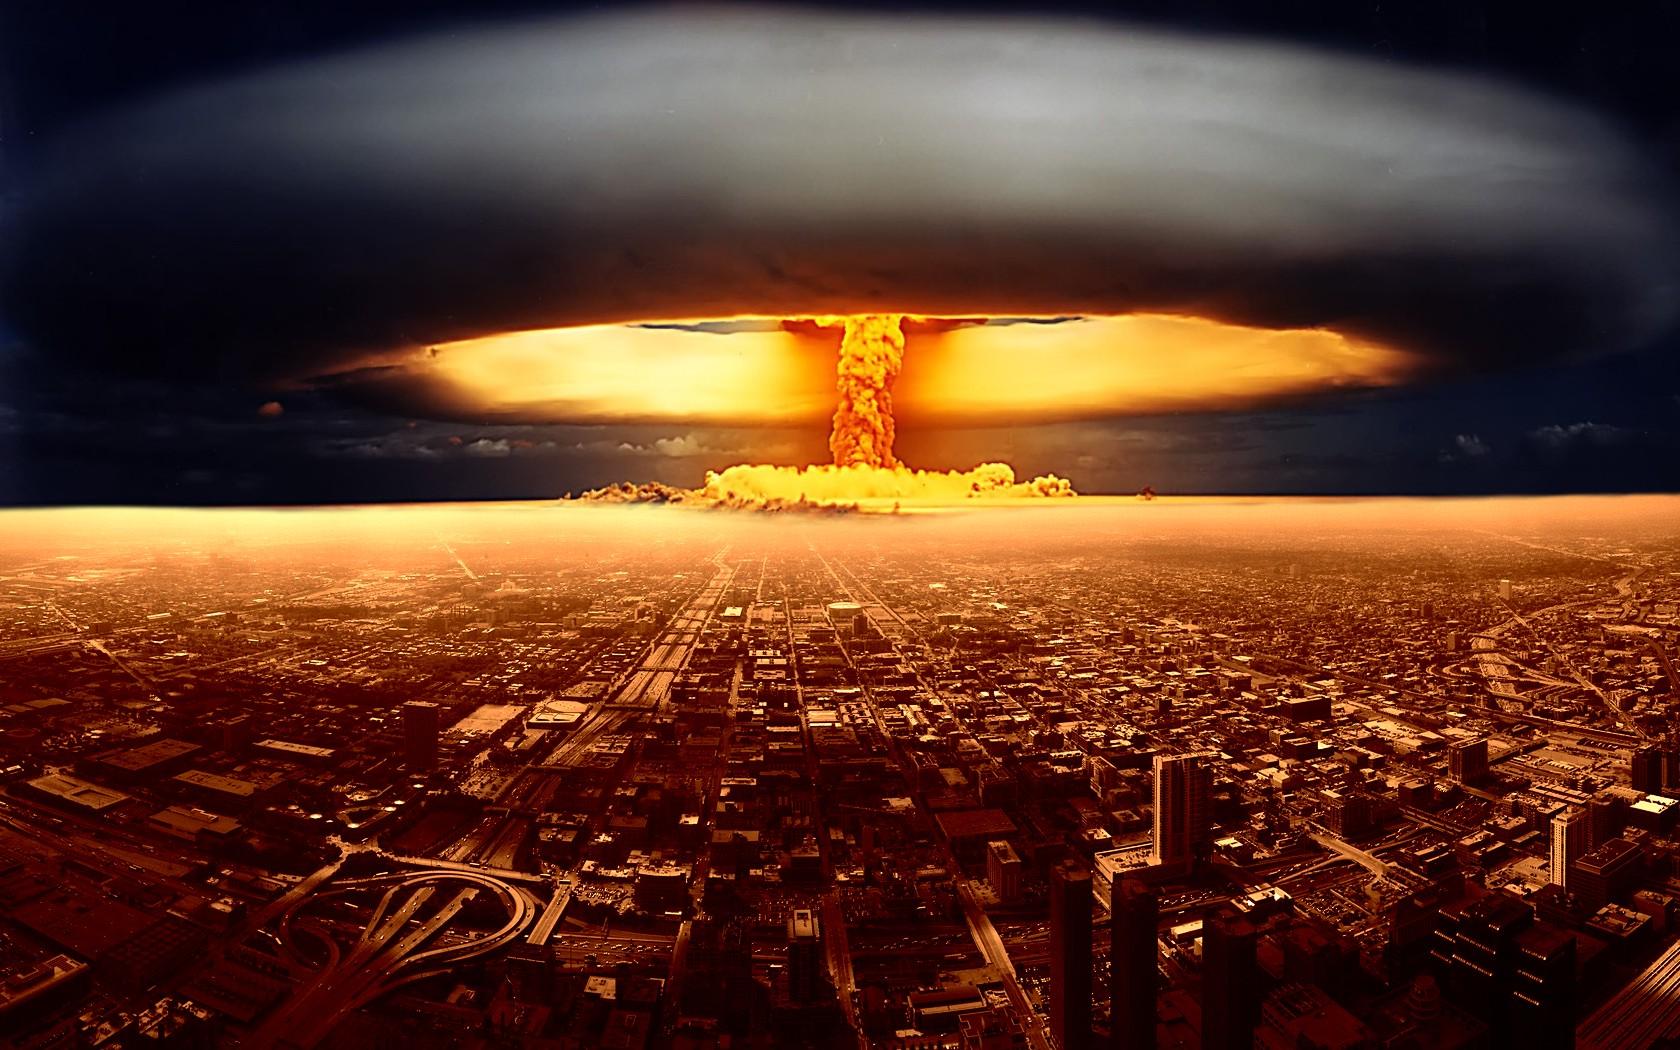 L'éveil spirituel, cette bombe atomique…